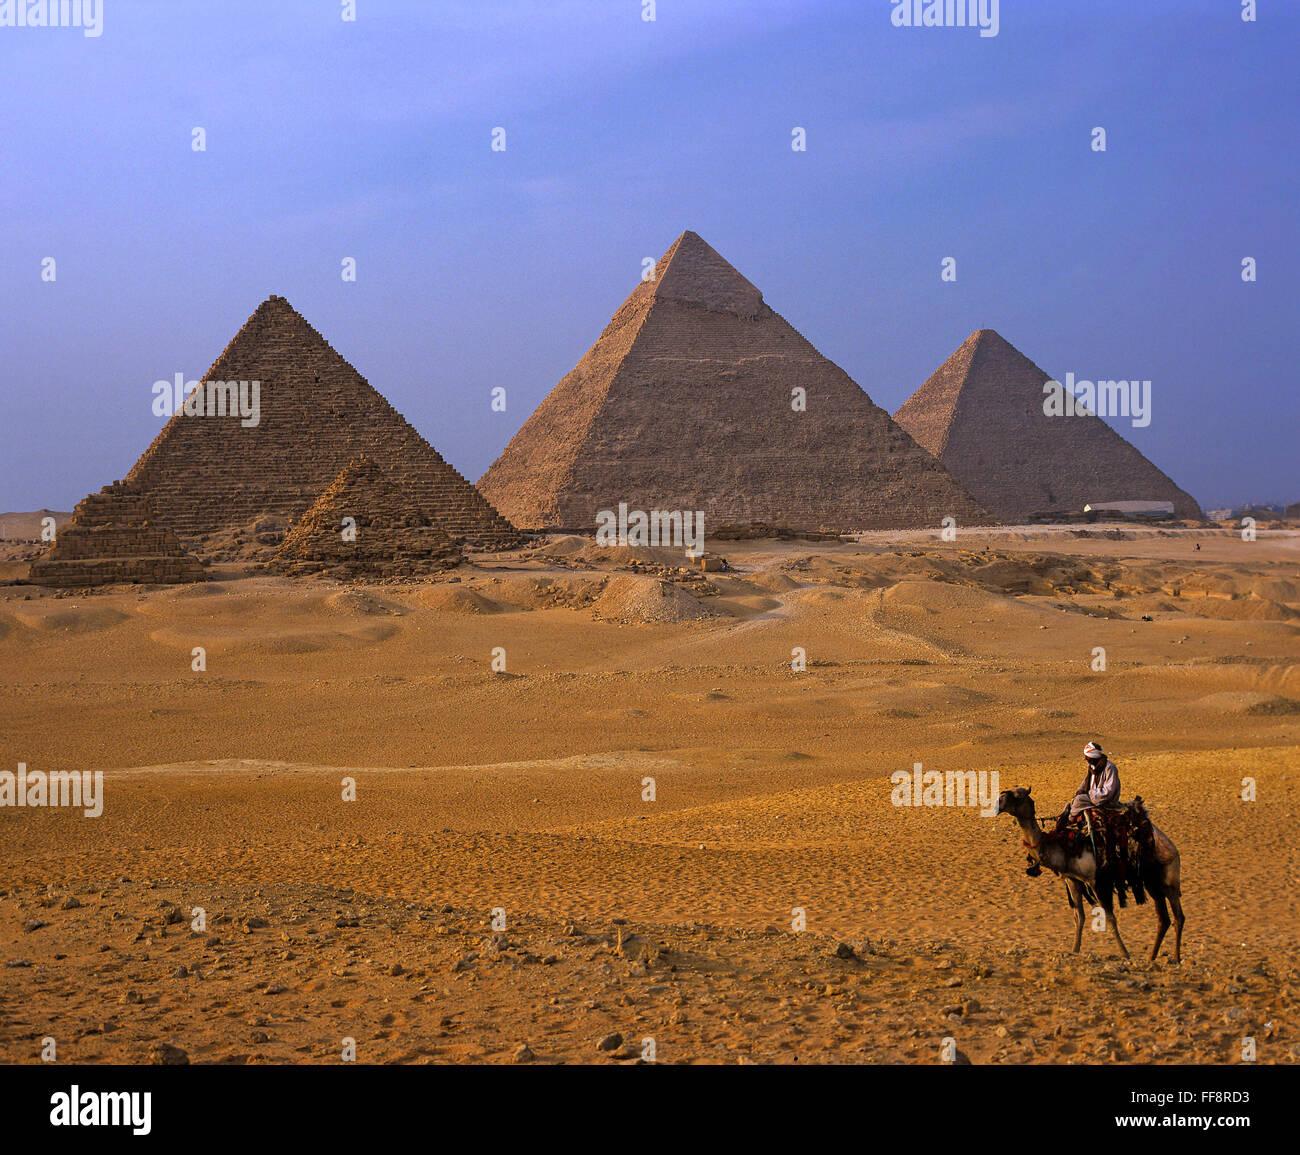 Kamel und Pyramiden, Gizeh-Plateau, Kairo, Ägypten, Afrika Stockbild